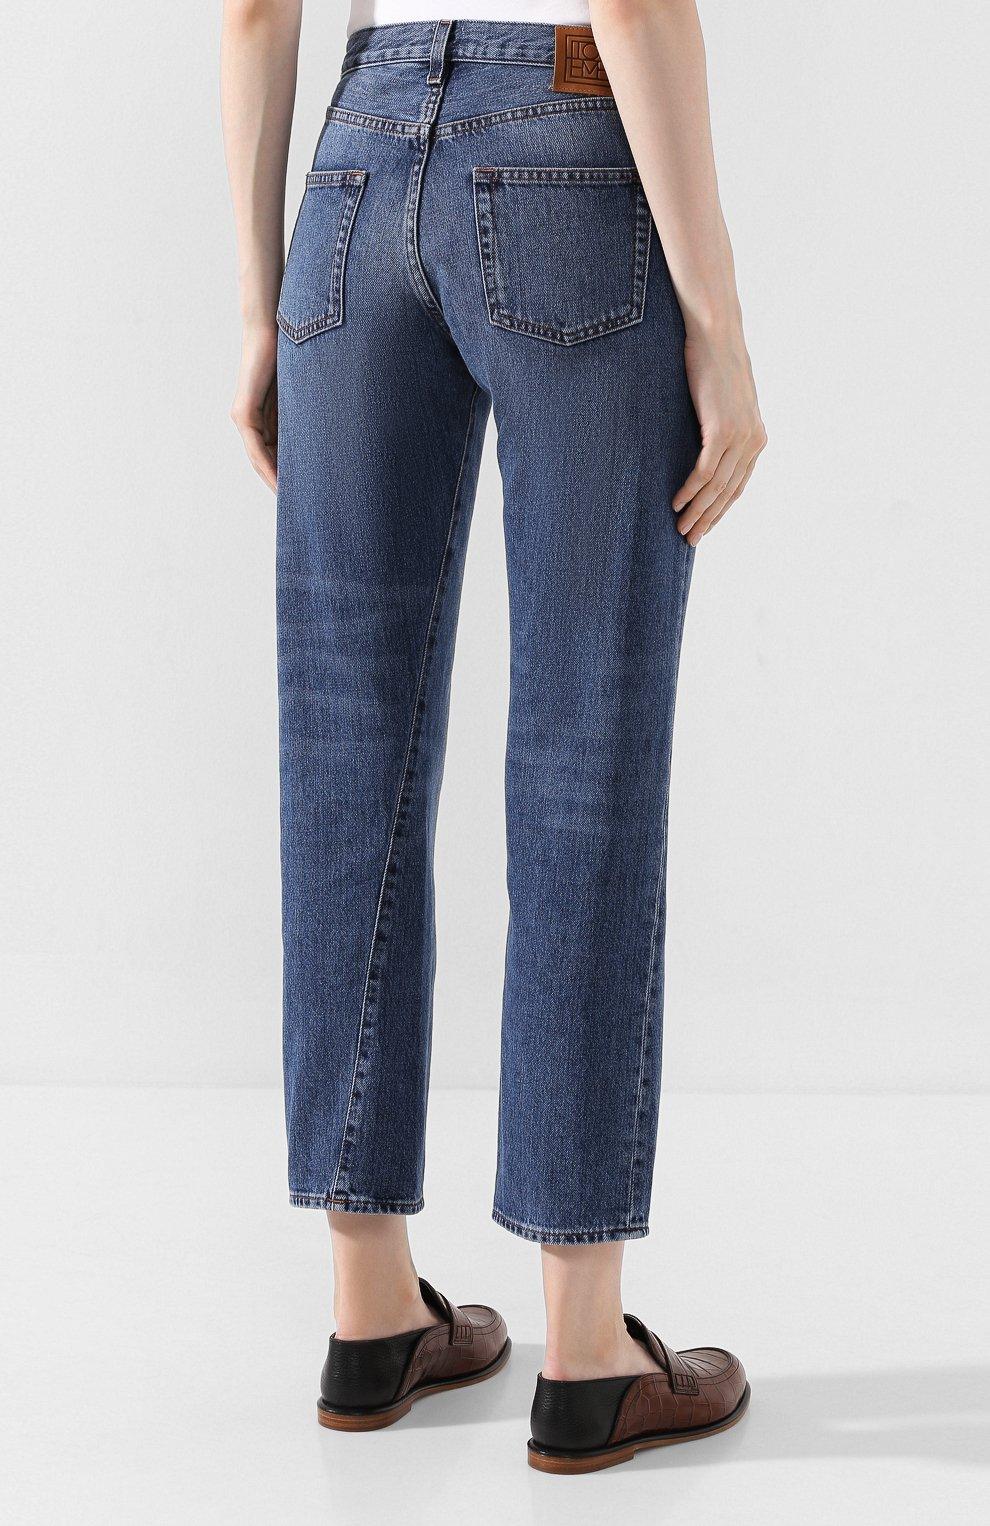 Женские джинсы TOTÊME синего цвета, арт. 0RIGINAL DENIM 32 193-232-740 | Фото 4